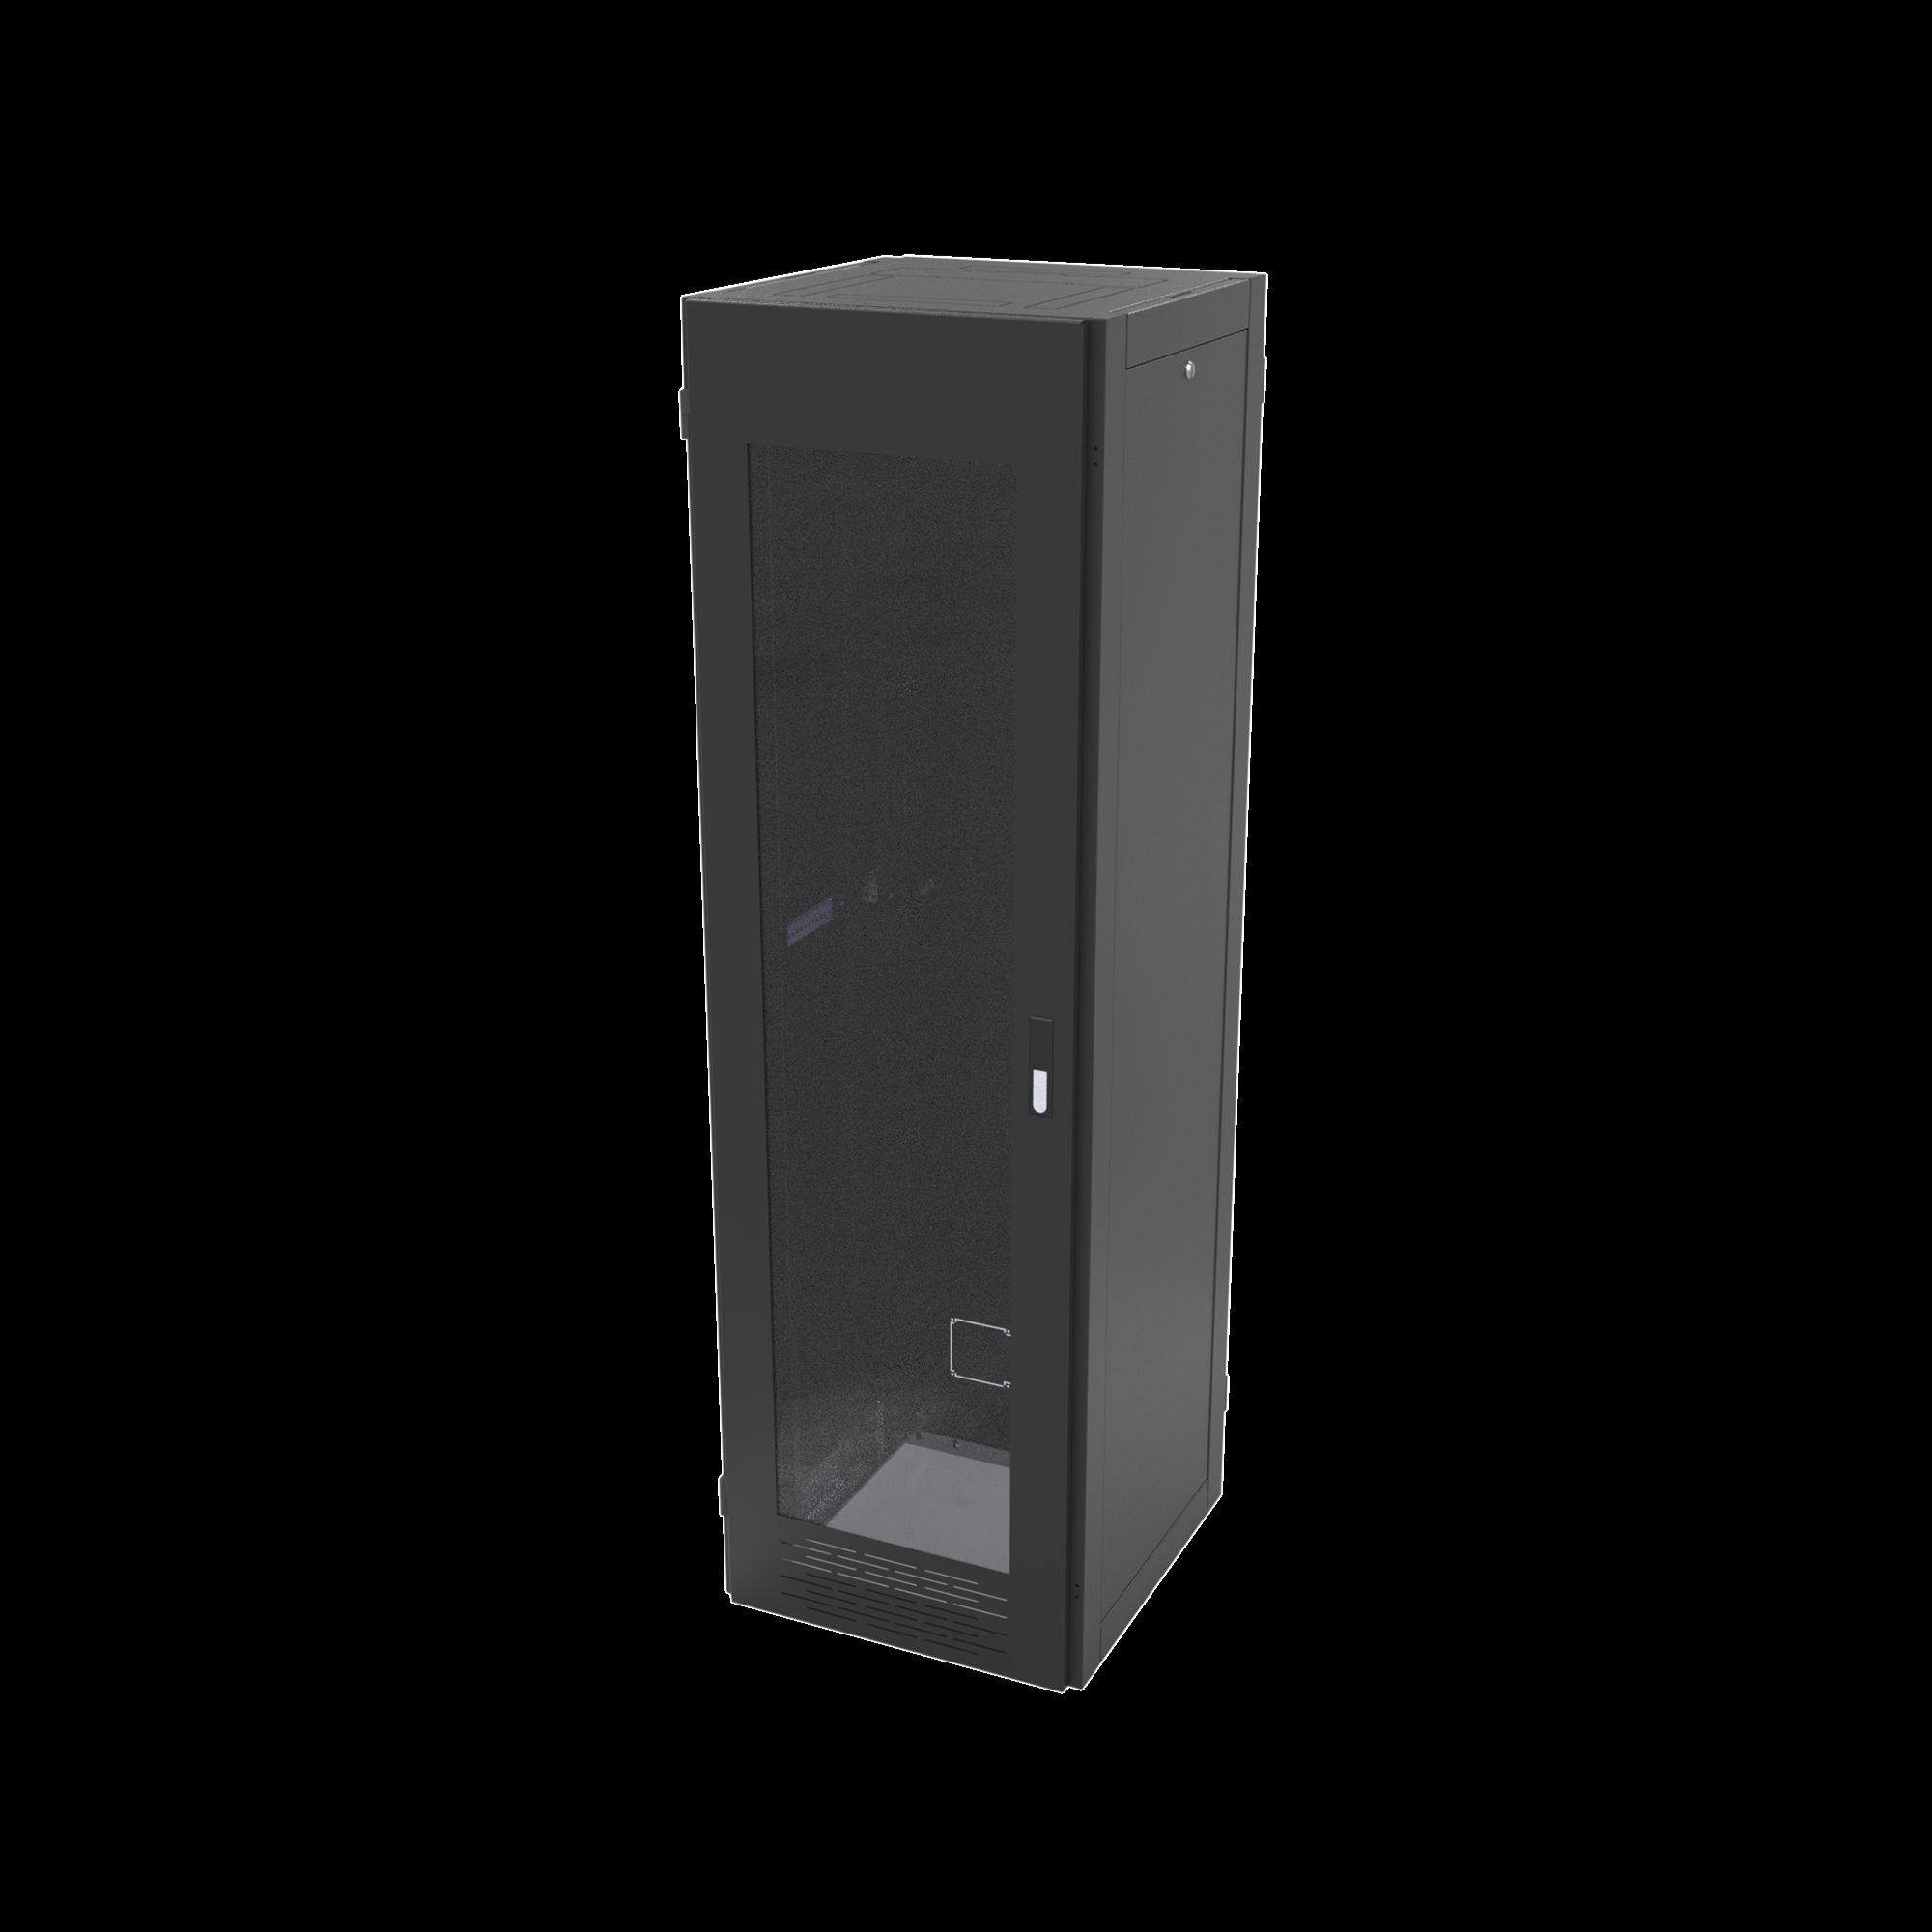 Gabinete para Telecomunicaciones Rack Estándar de 19, 42UR, 600 mm Ancho x 600 mm Profundidad. Fabricado en Acero.